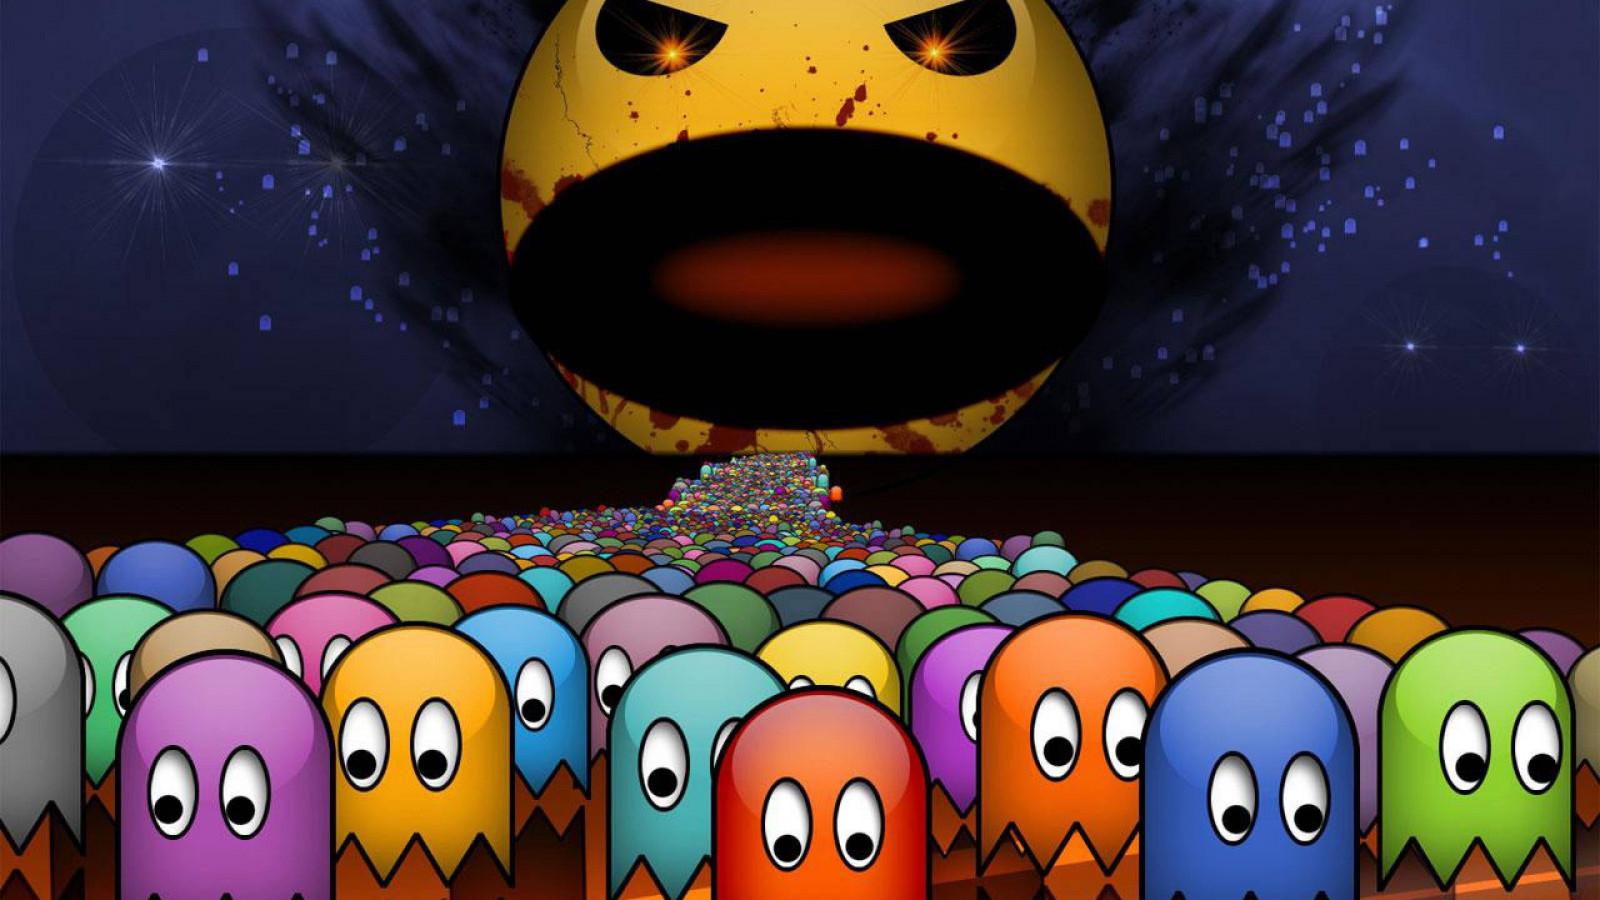 Fond d'écran : illustration, jeux vidéo, dessin animé, Pac-Man, Geek, Jeux, capture d'écran ...